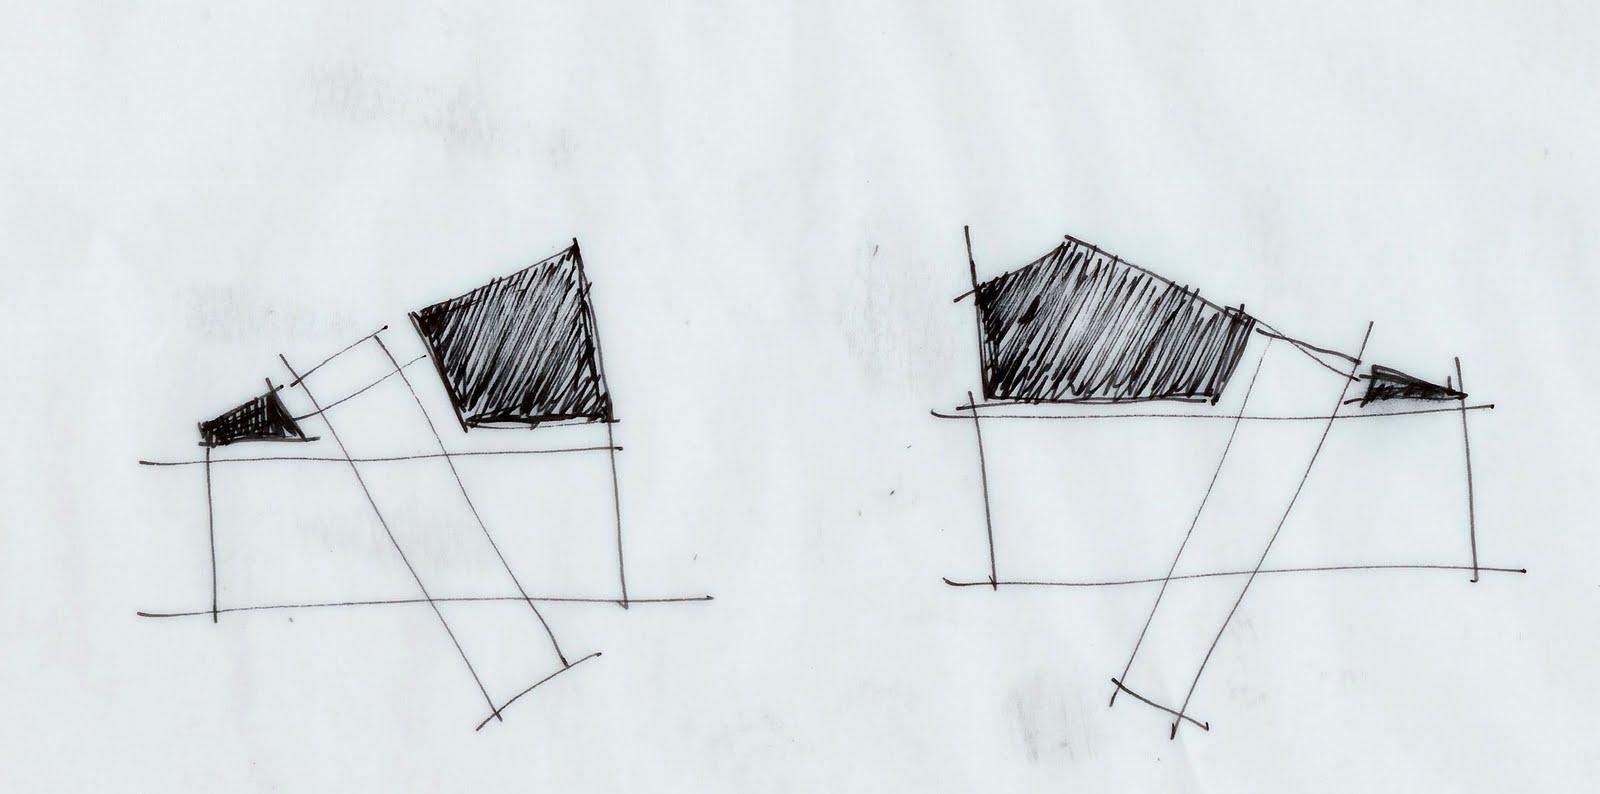 Architectural Design 5 Dab510 01 05 11